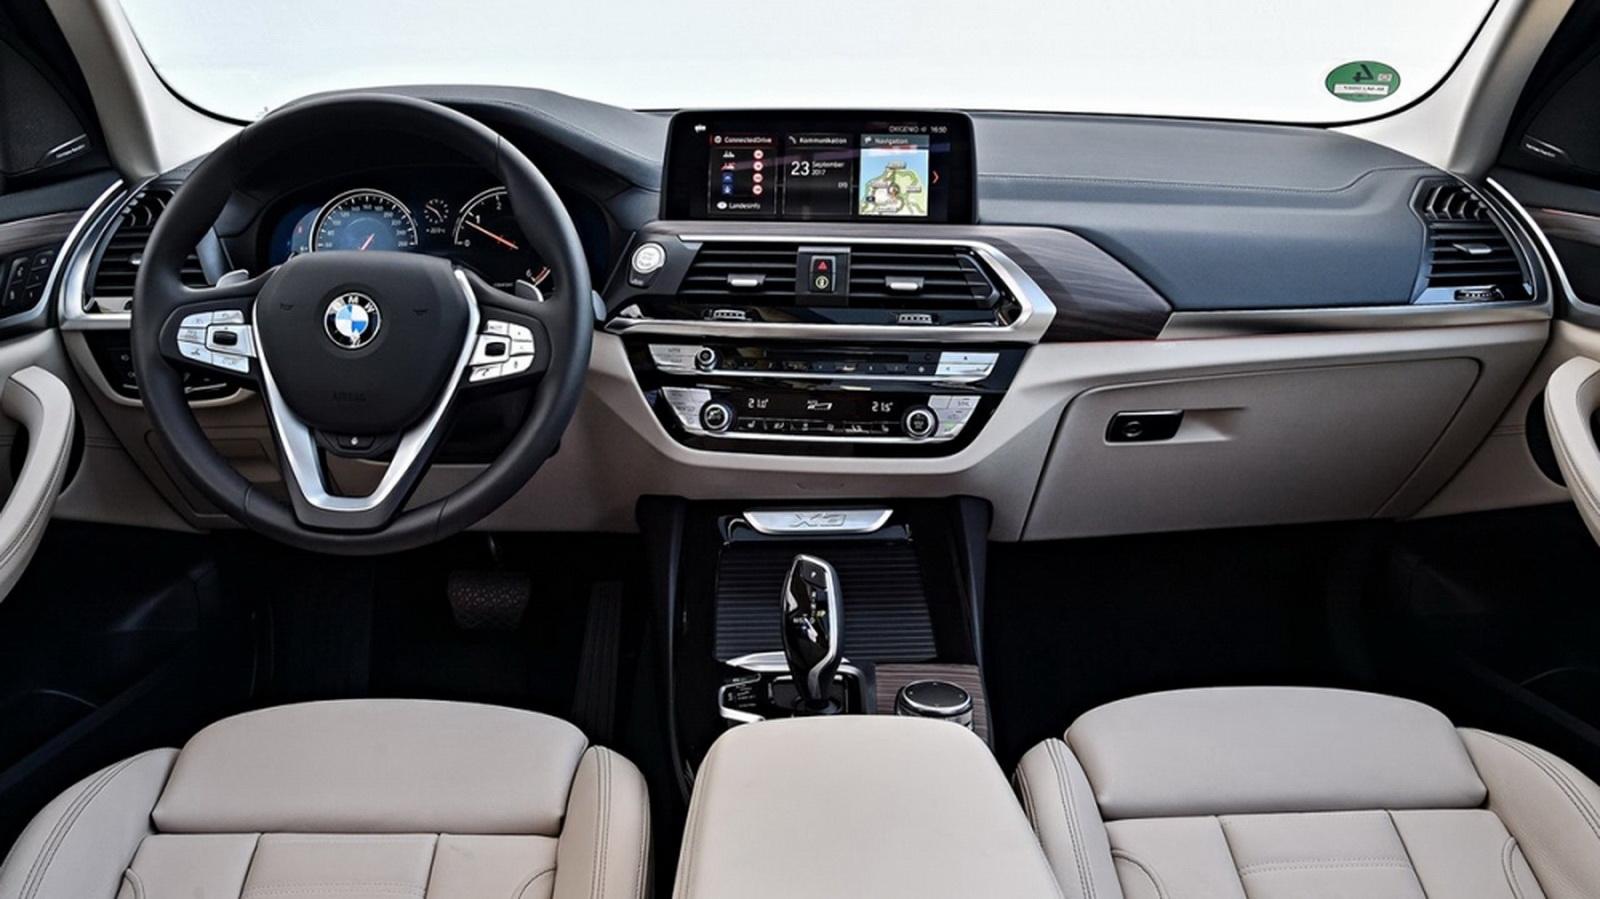 圖/2020 BMW X3 xDrive20i坐落於座艙中央的六角型中控台,賦予座艙截然不同的現代豪華面貌。